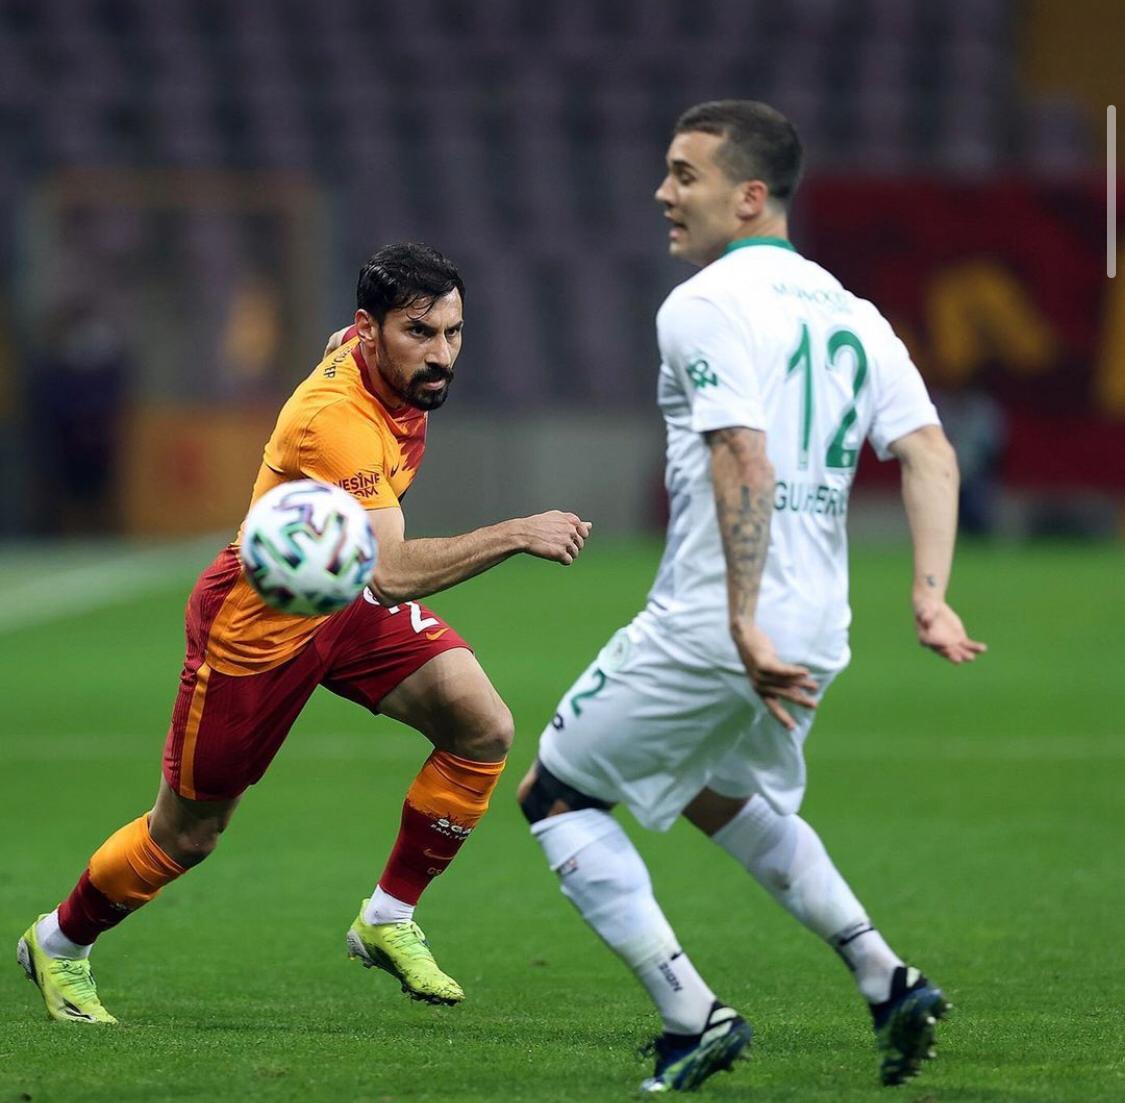 <p>Galatasaray'ın sağ beki Şener Özbayraklı Galatasaray'dan ayrıldığını açıkladı.&nbsp;</p>